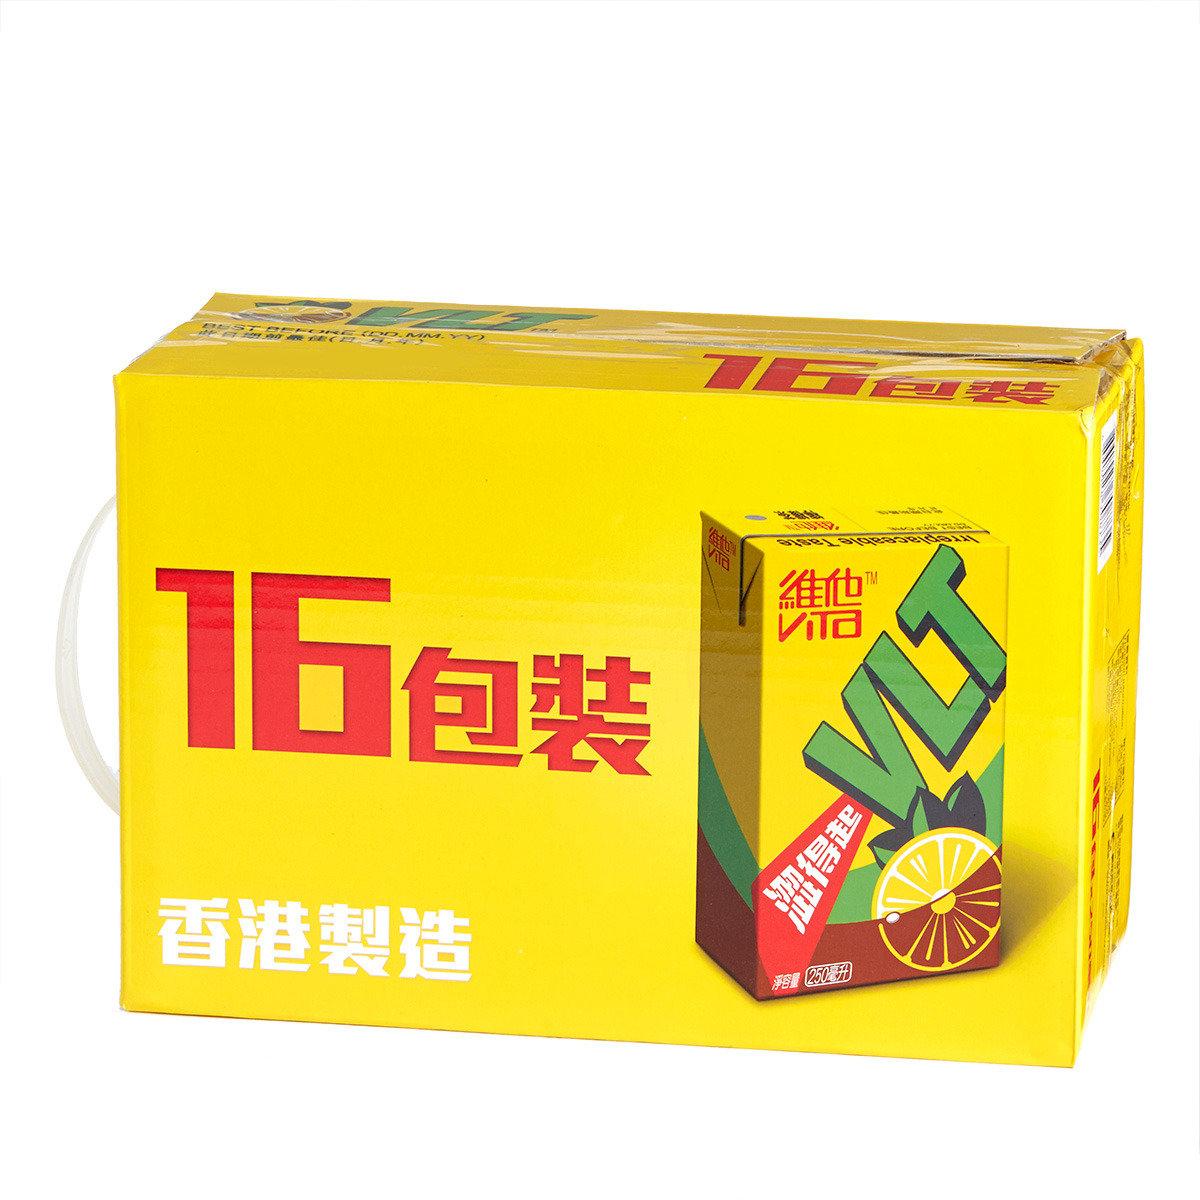 16包裝檸檬茶